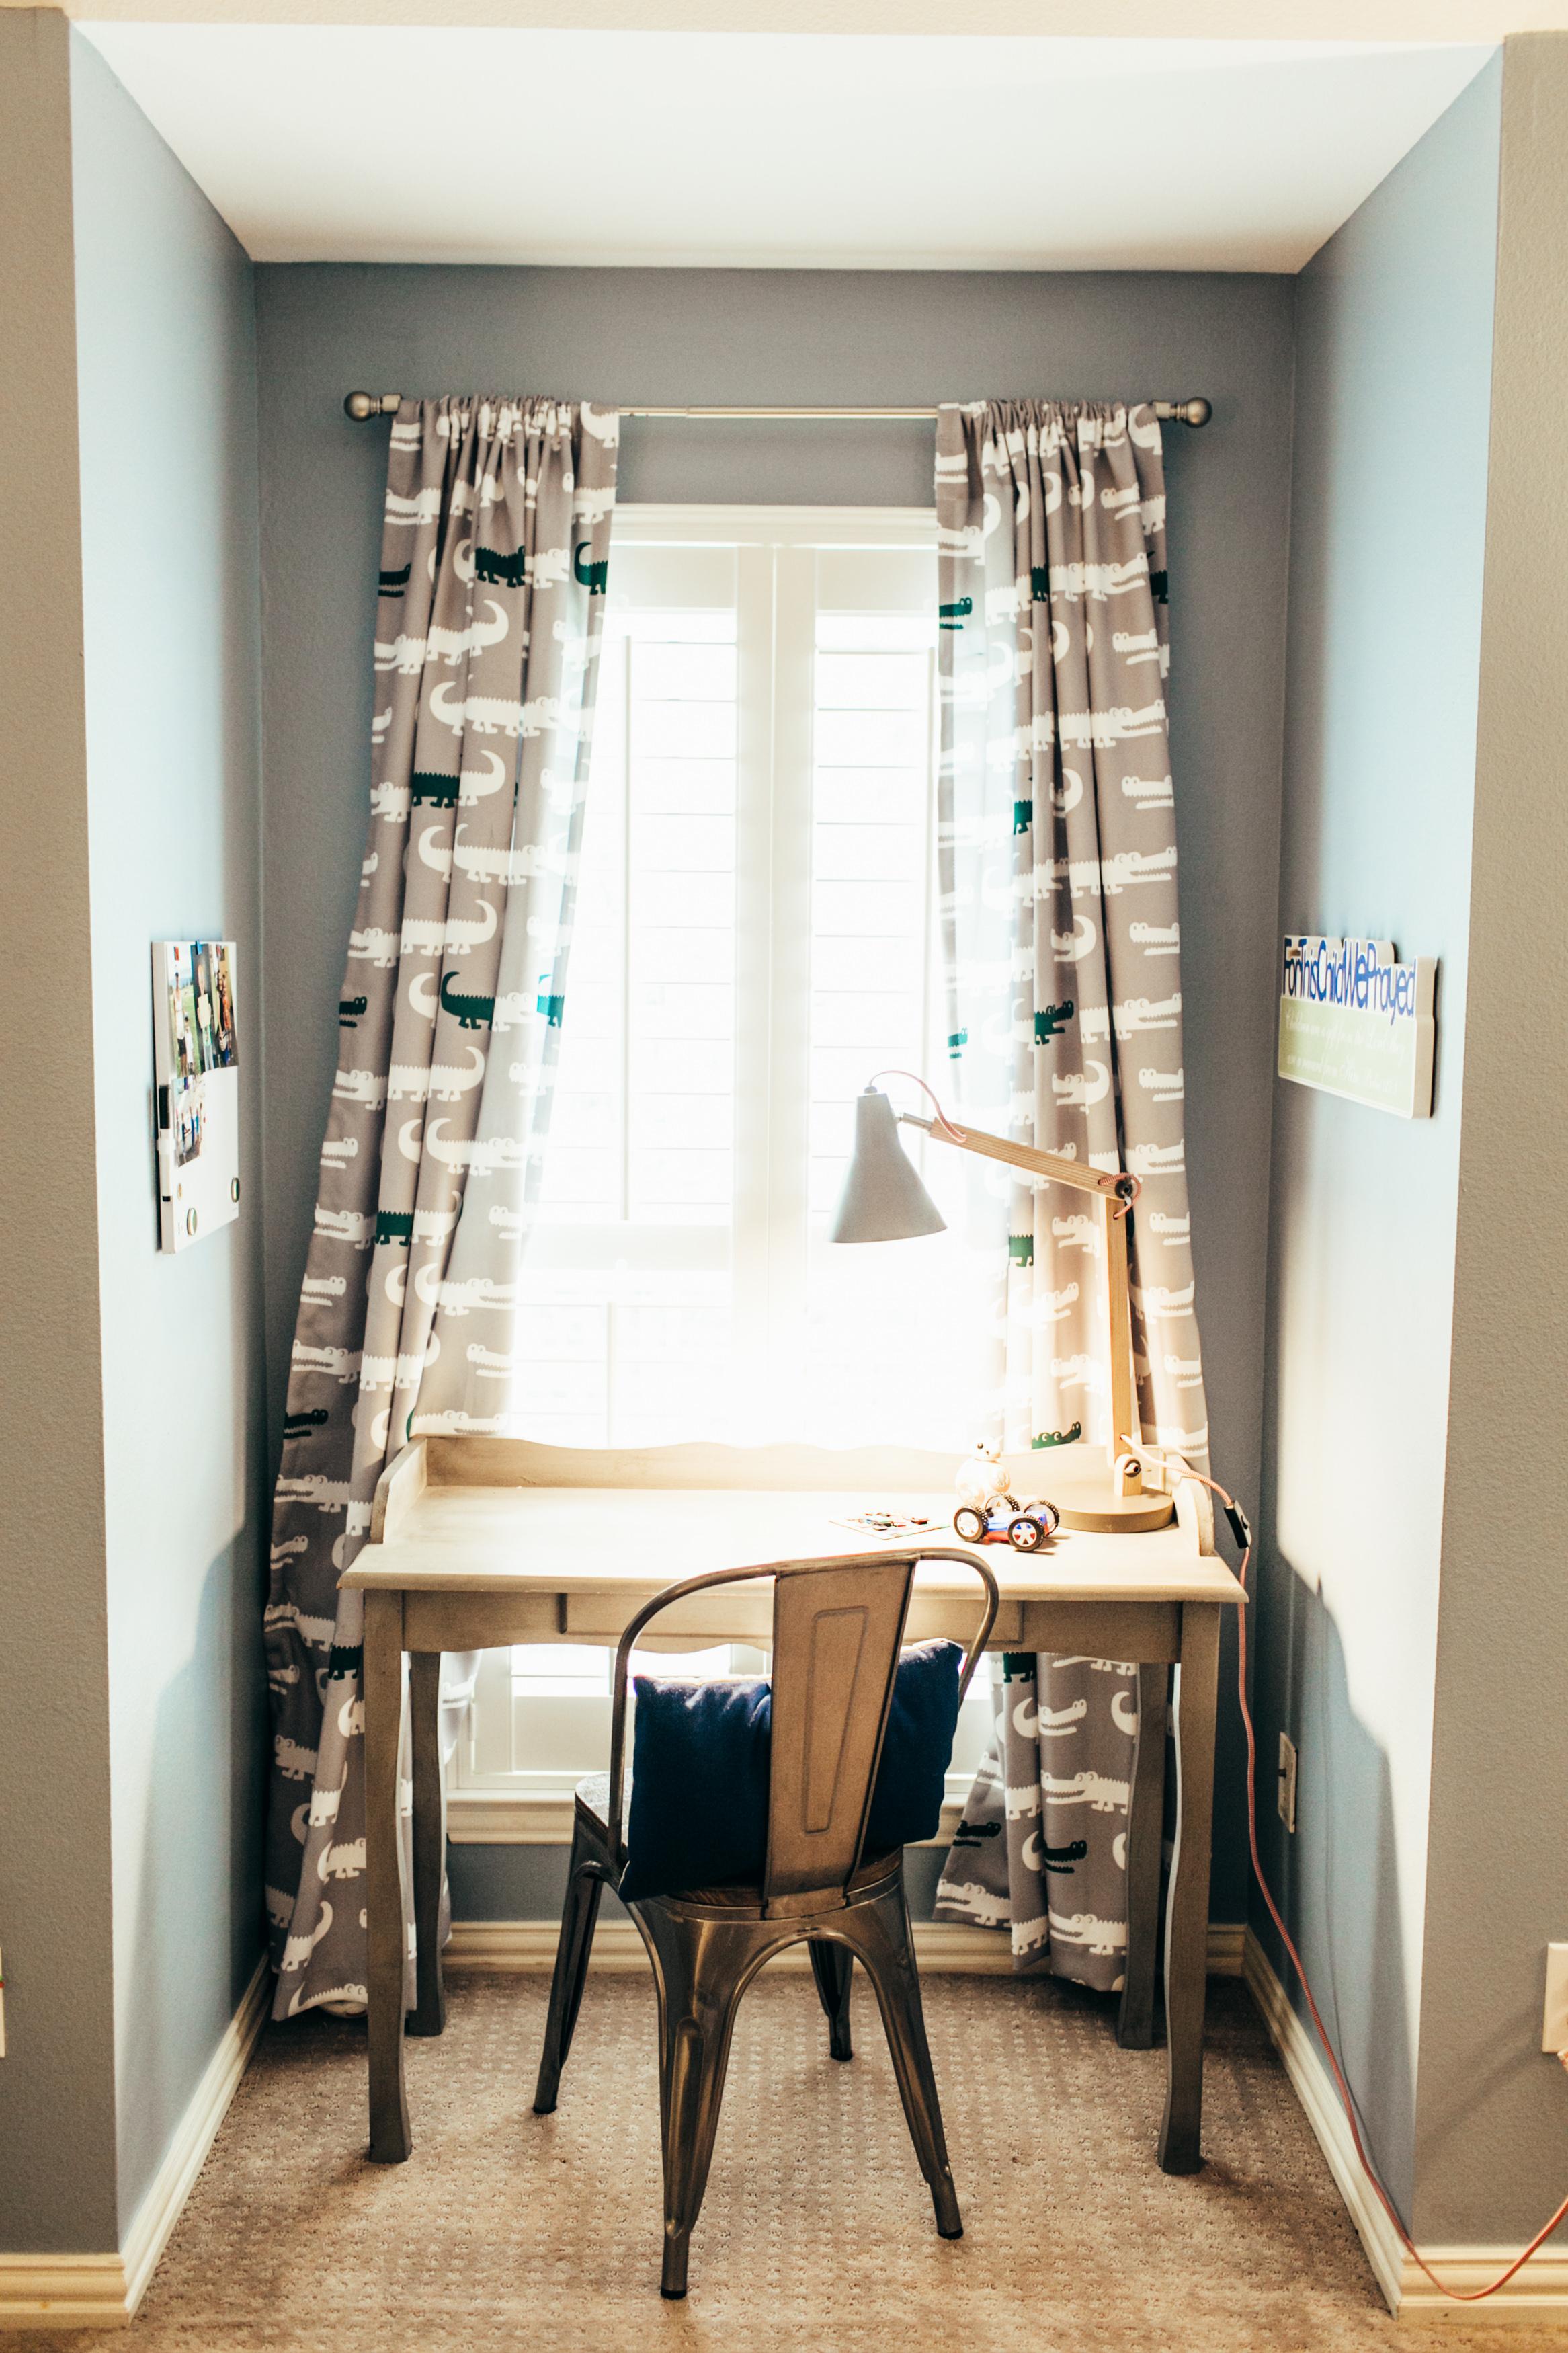 Southlake Kids Room Design 7.jpg